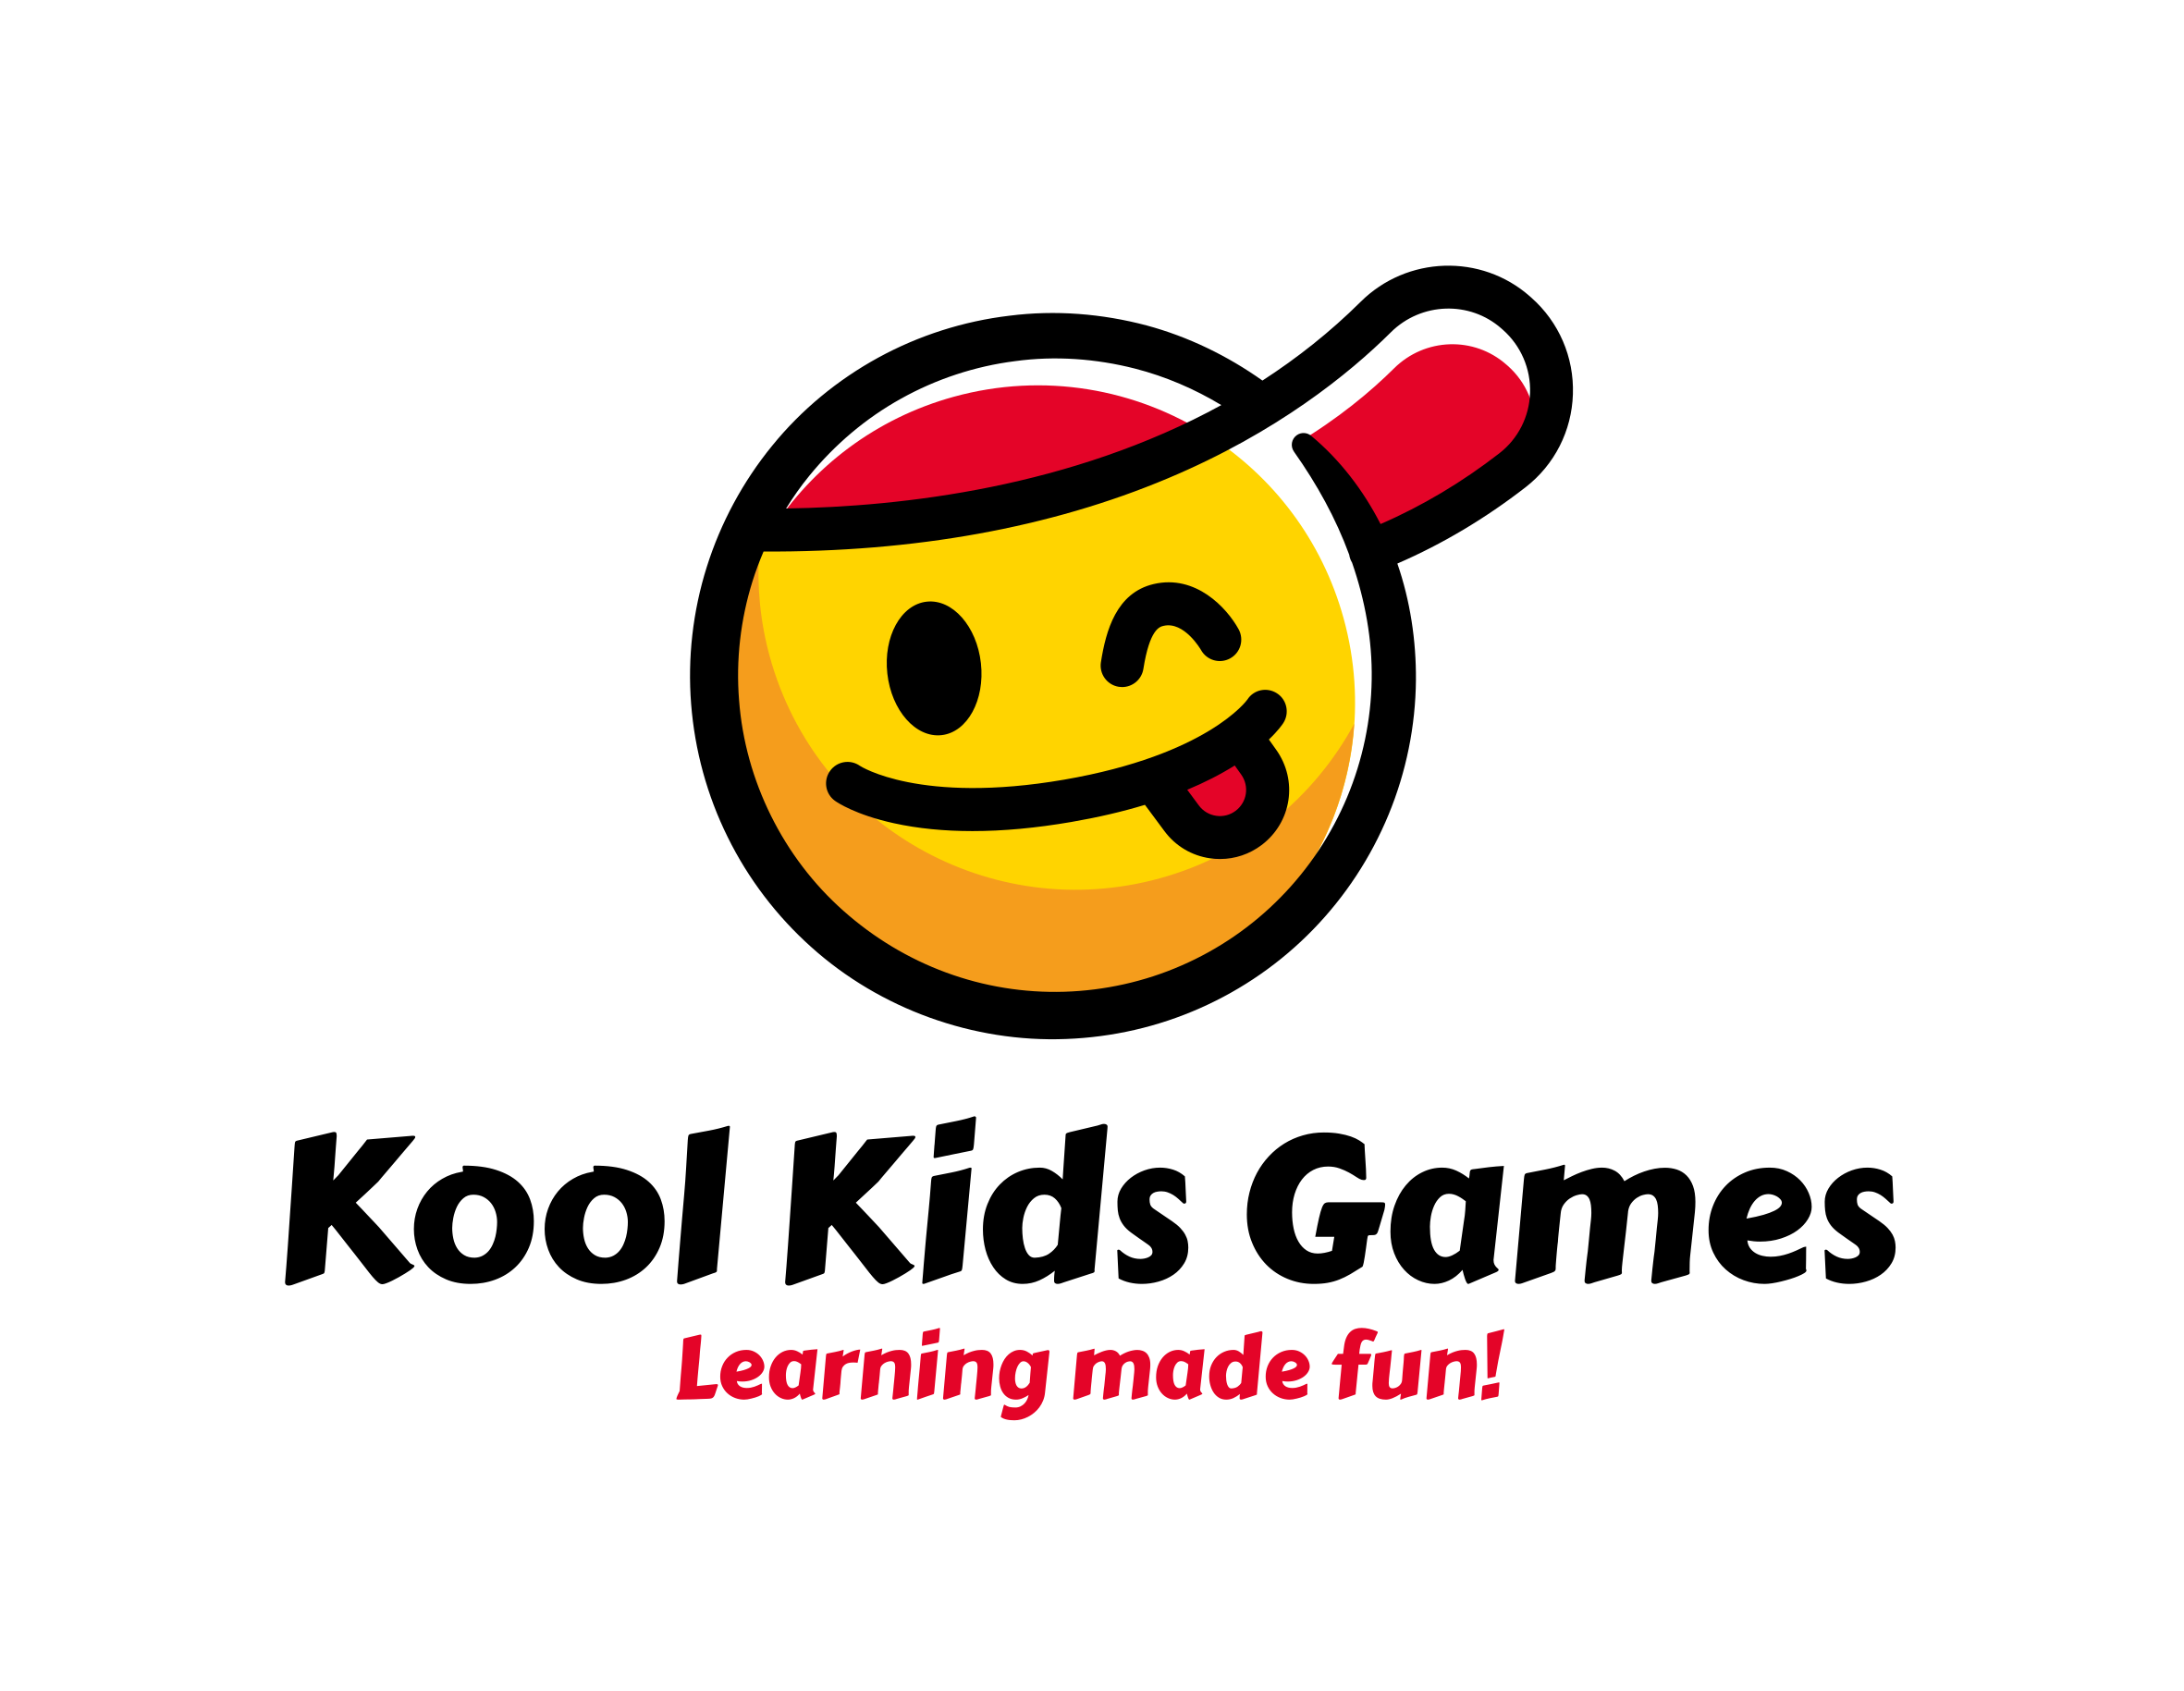 Kool Kids Games